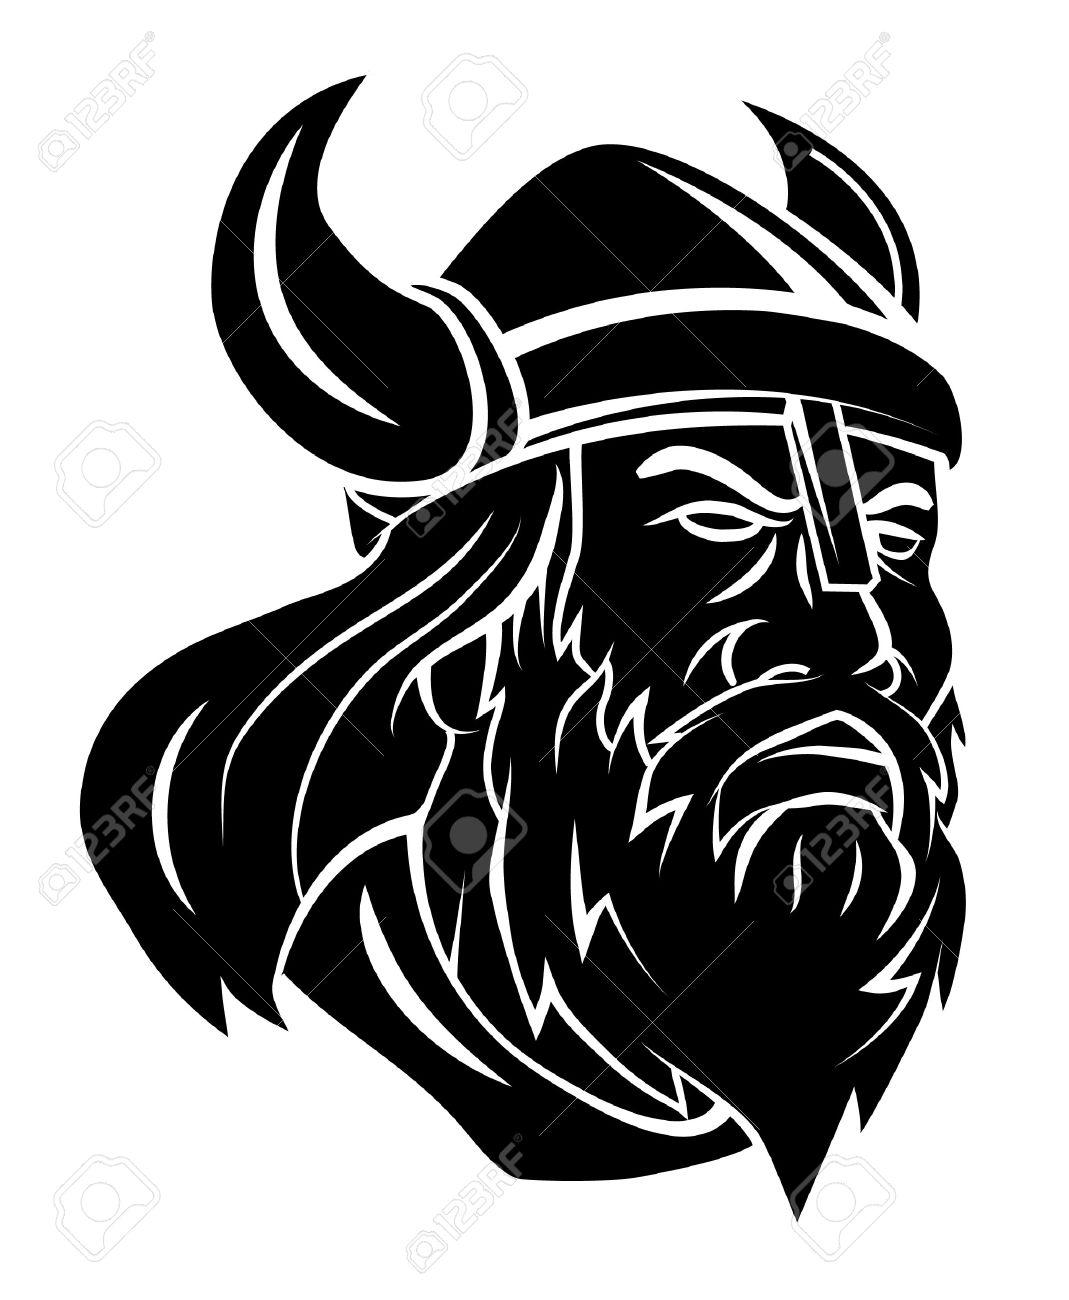 Viking Head Vector Illustration - 34324128